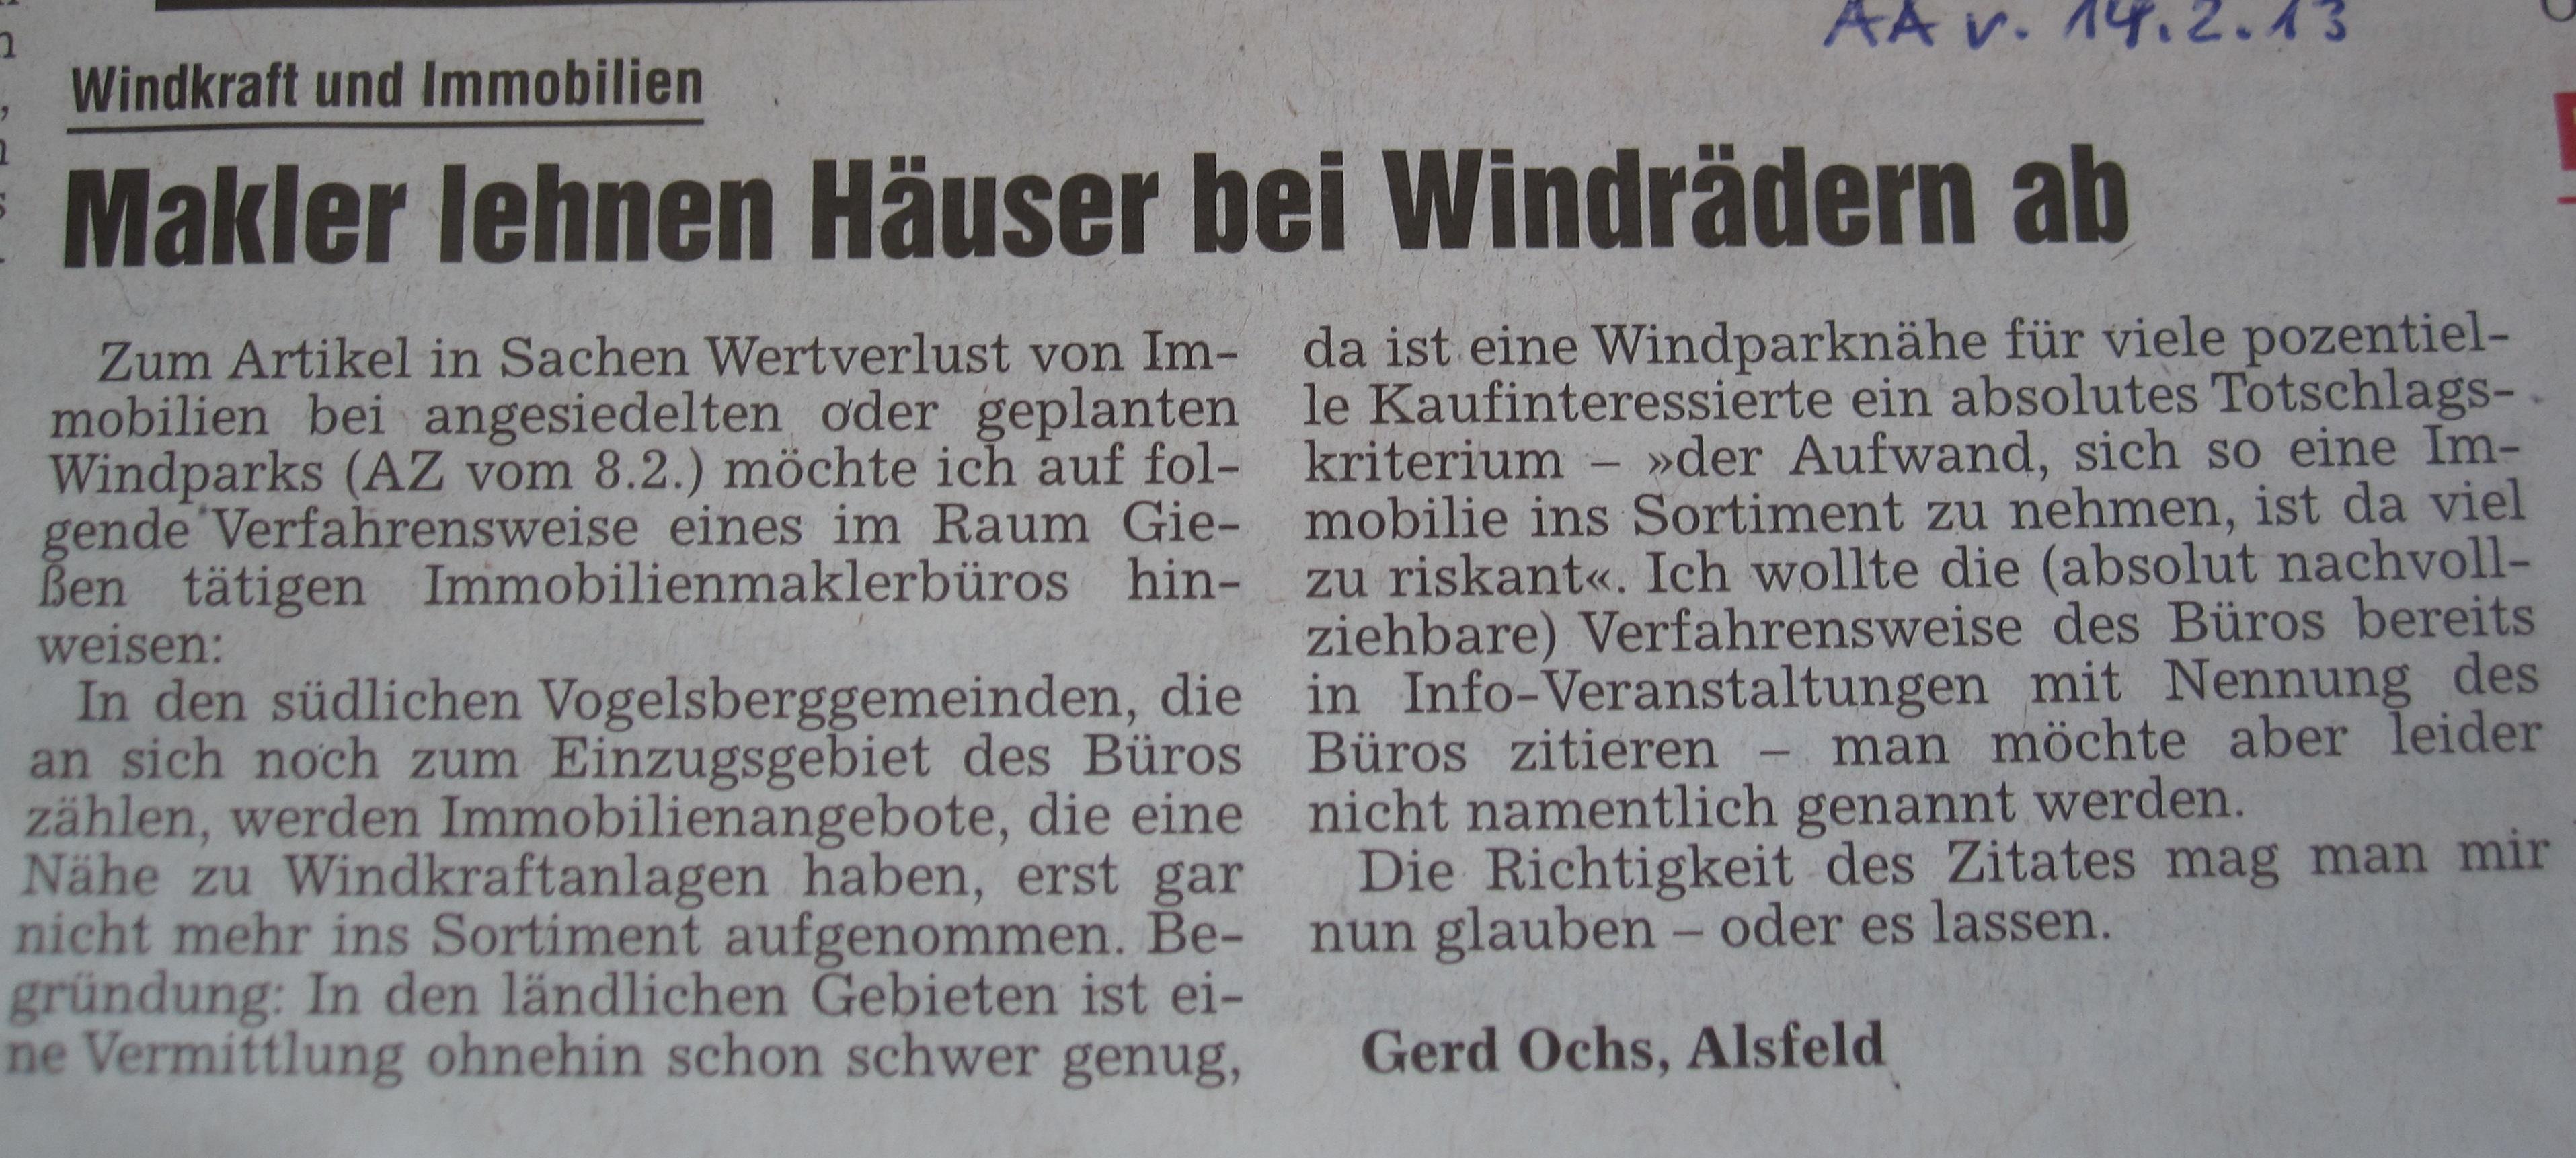 Alsfelder.Allgemeine.Leserbrief.Immobilien.14.02.2013 Kopie